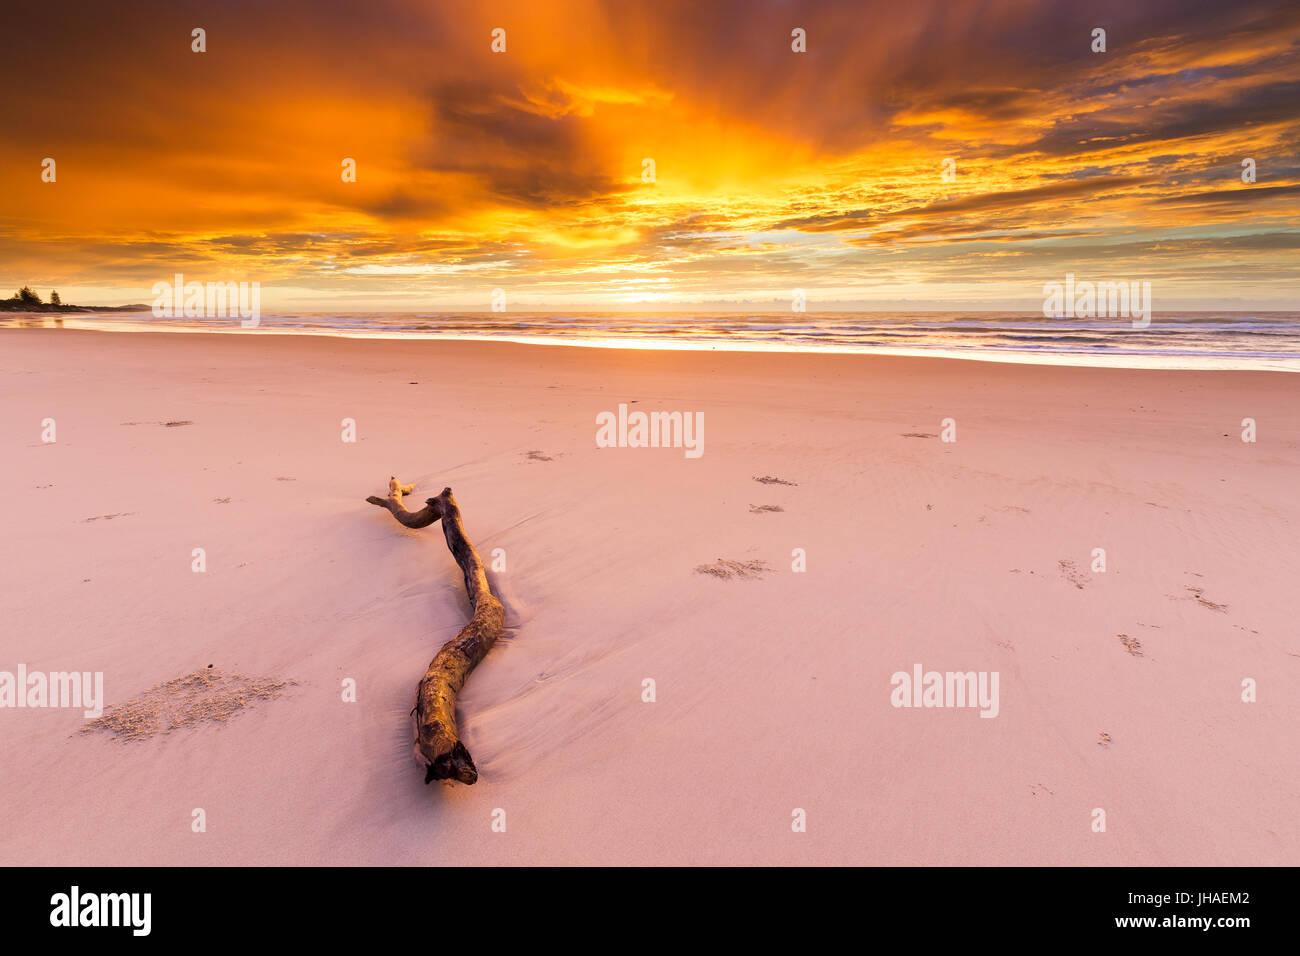 Un journal de grève se trouve sur la plage, sous un immense et magnifique et intense le lever du soleil d'or Photo Stock